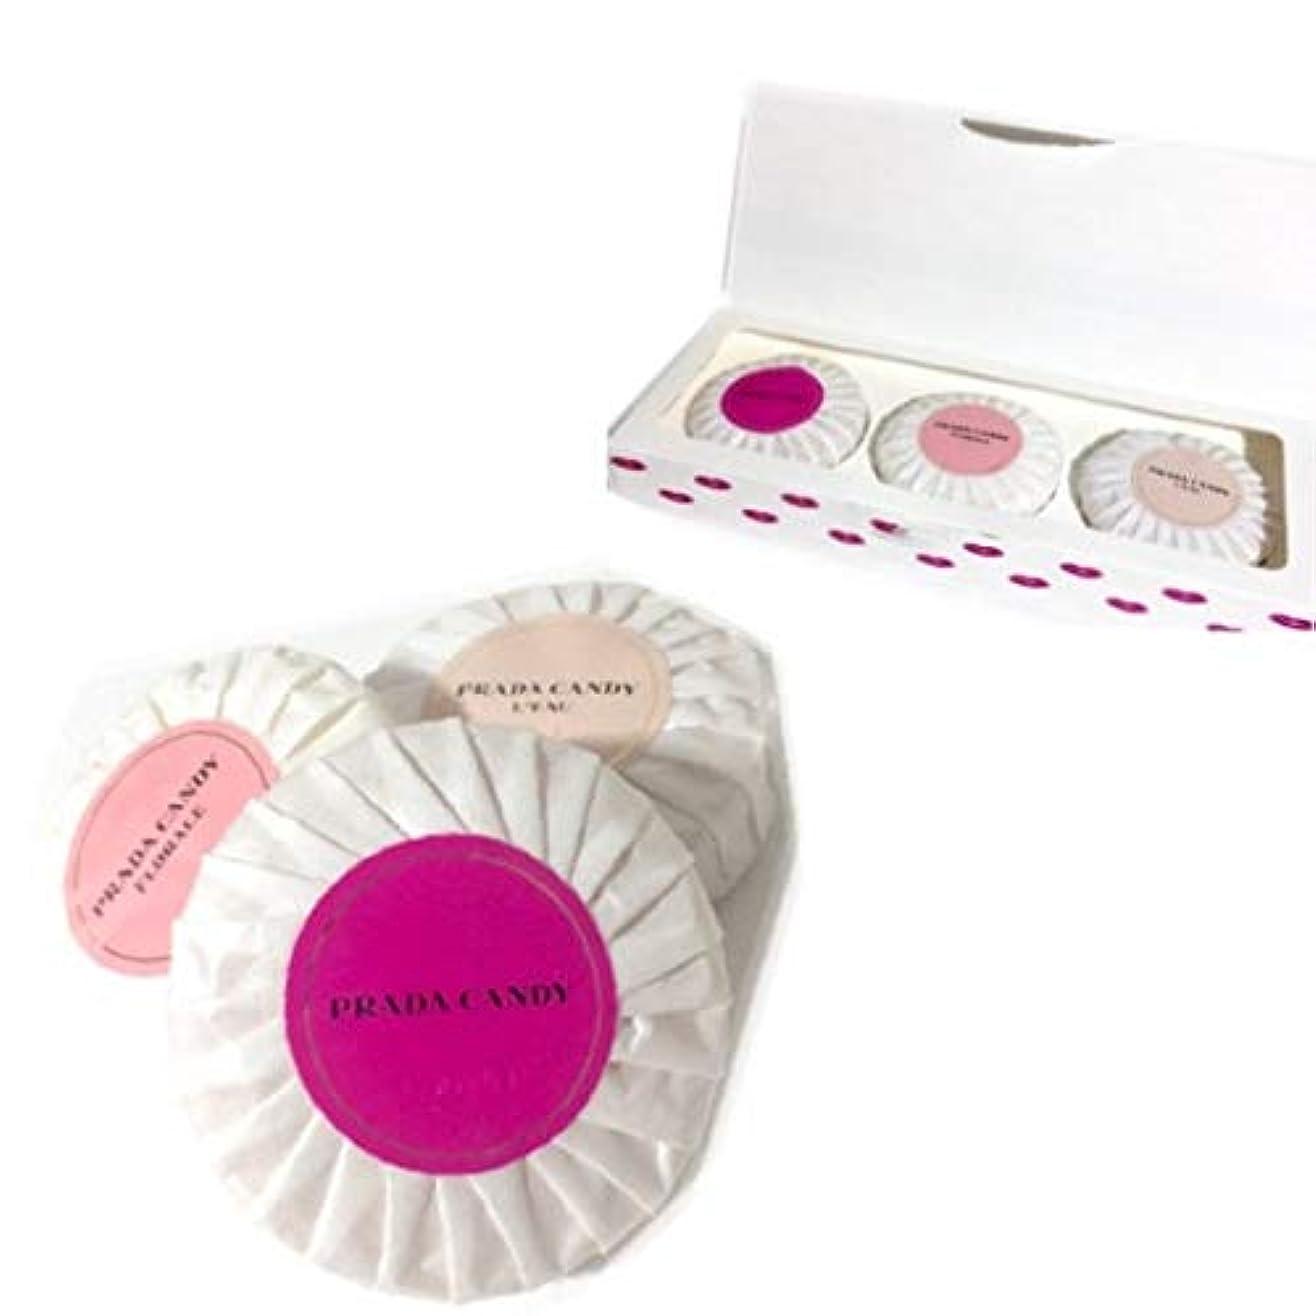 収束する流用するビルプラダ ソープセット キャンディ フロラーレ ロー 石鹸 ボディソープ 3個セット コフレ PRADA